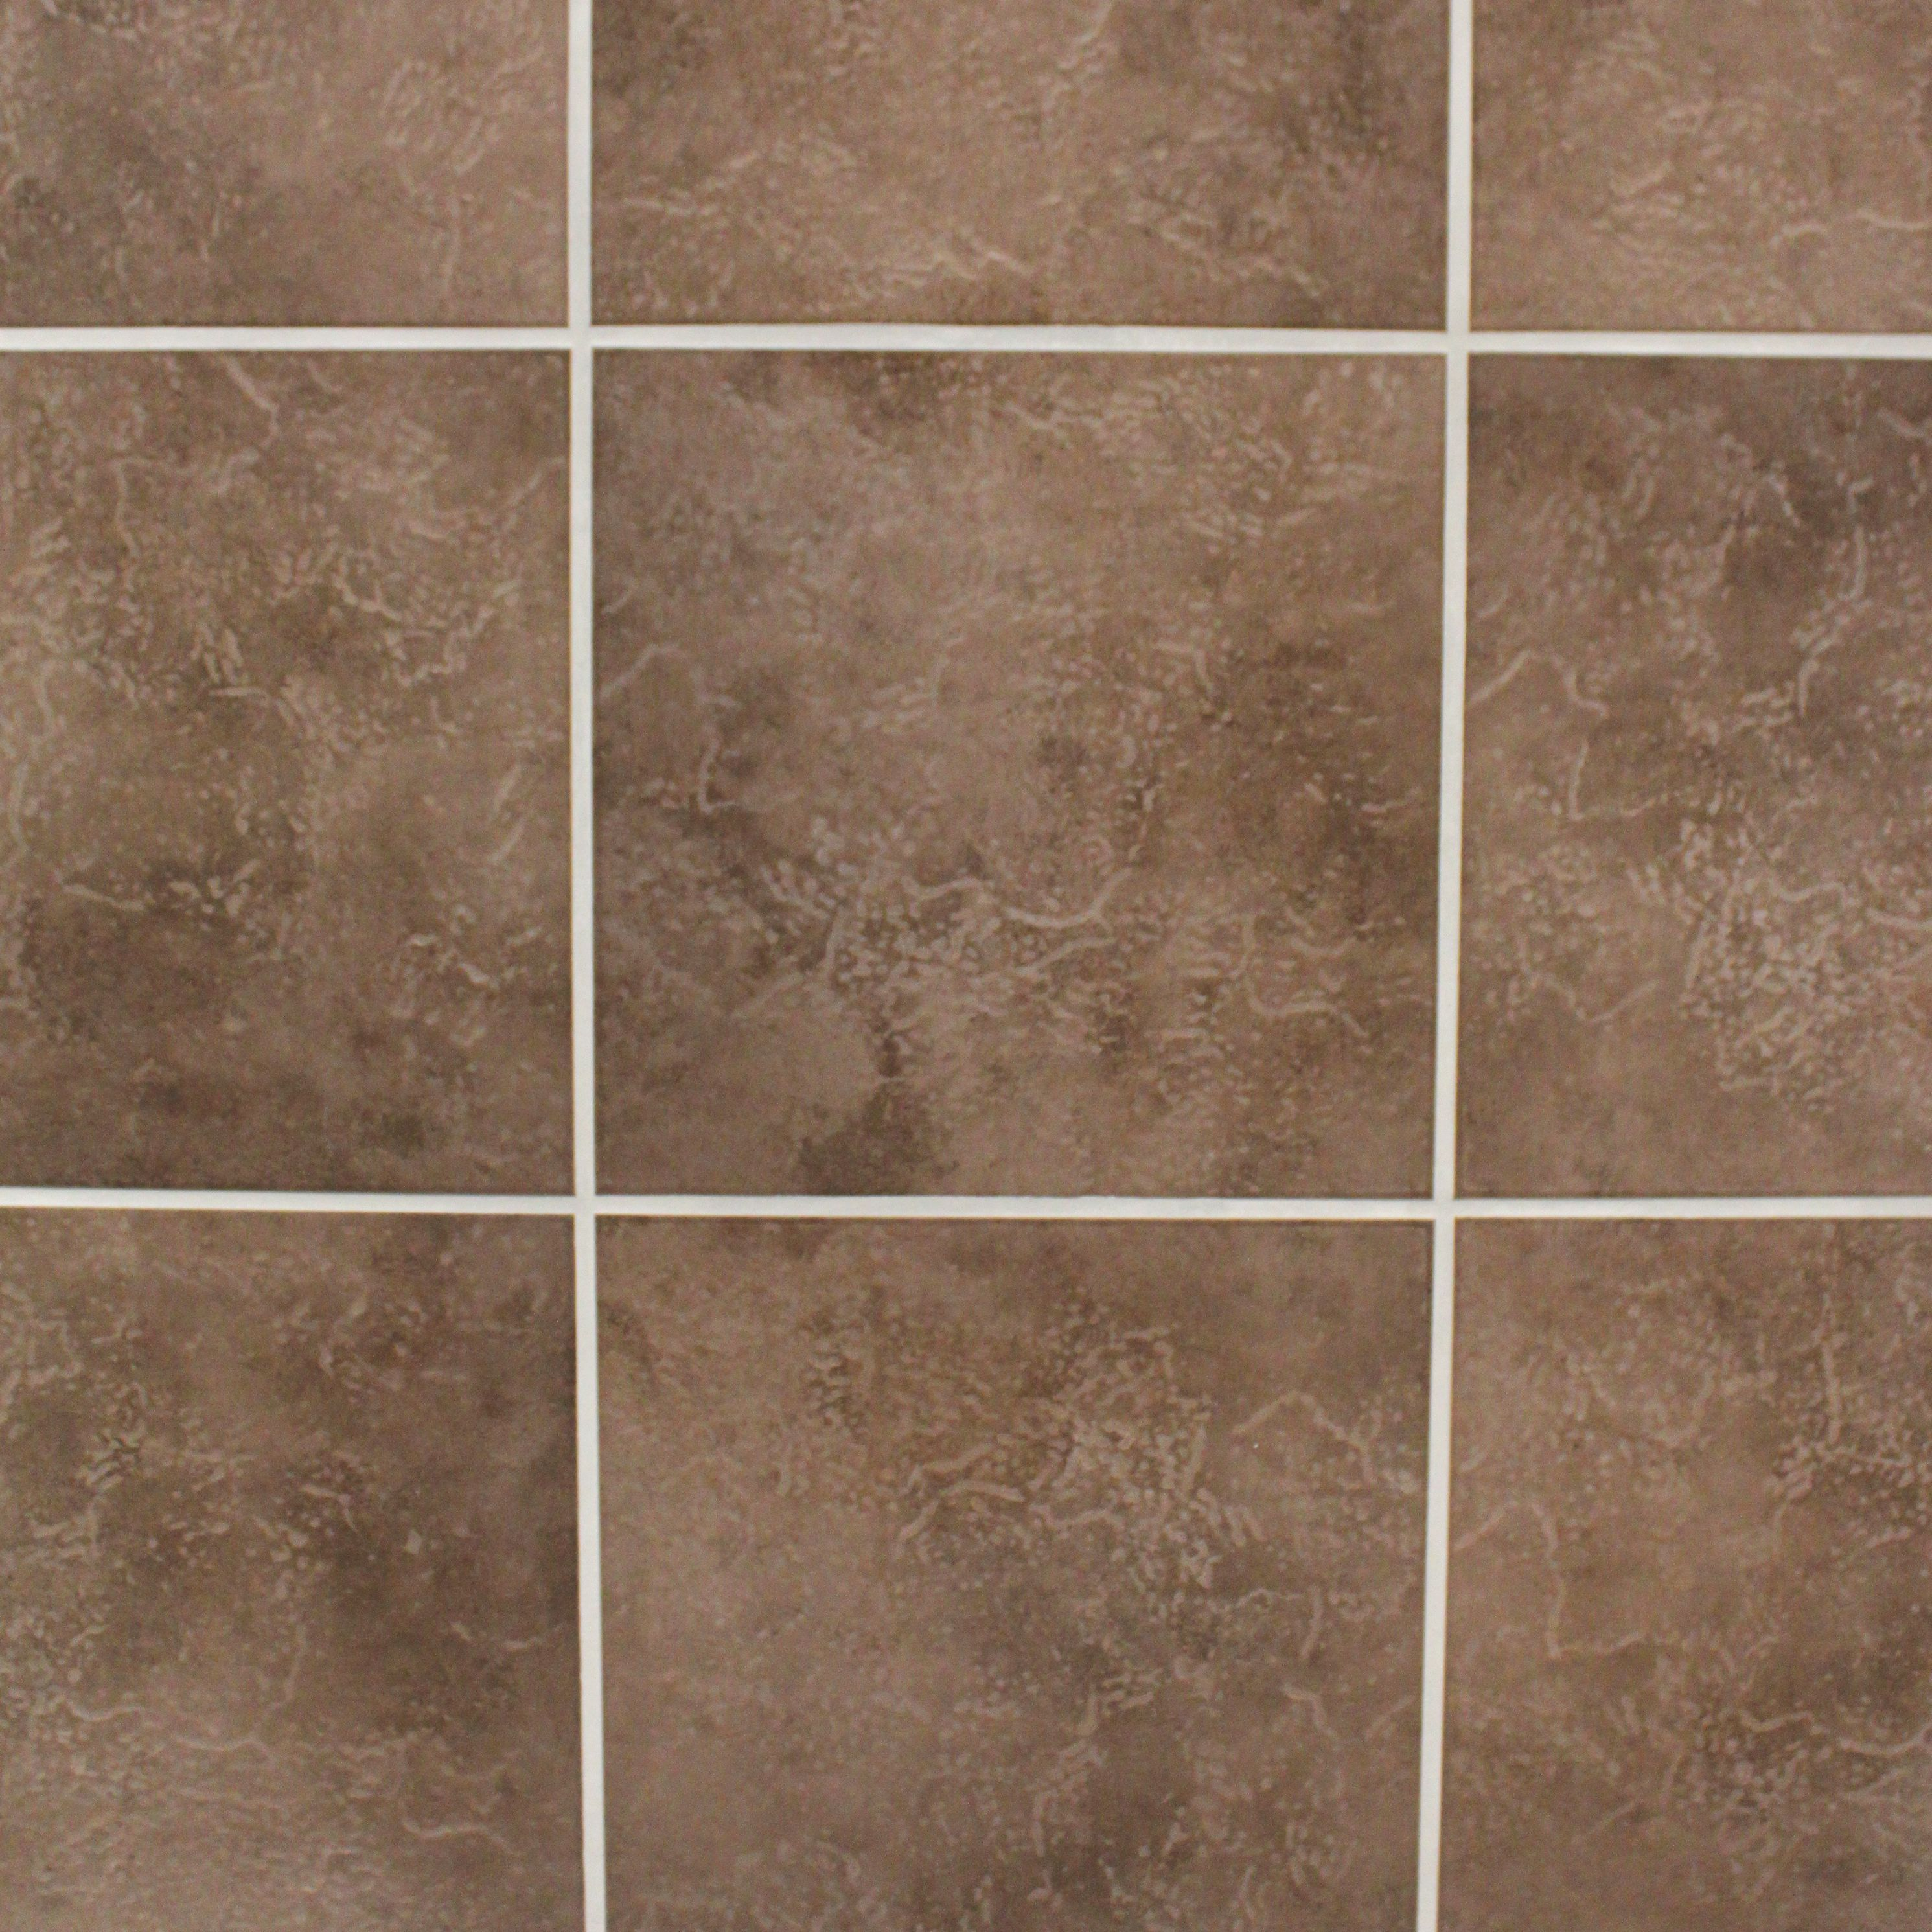 Cirque Chocolate Ceramic Floor Tile Pack Of 9 L 330mm